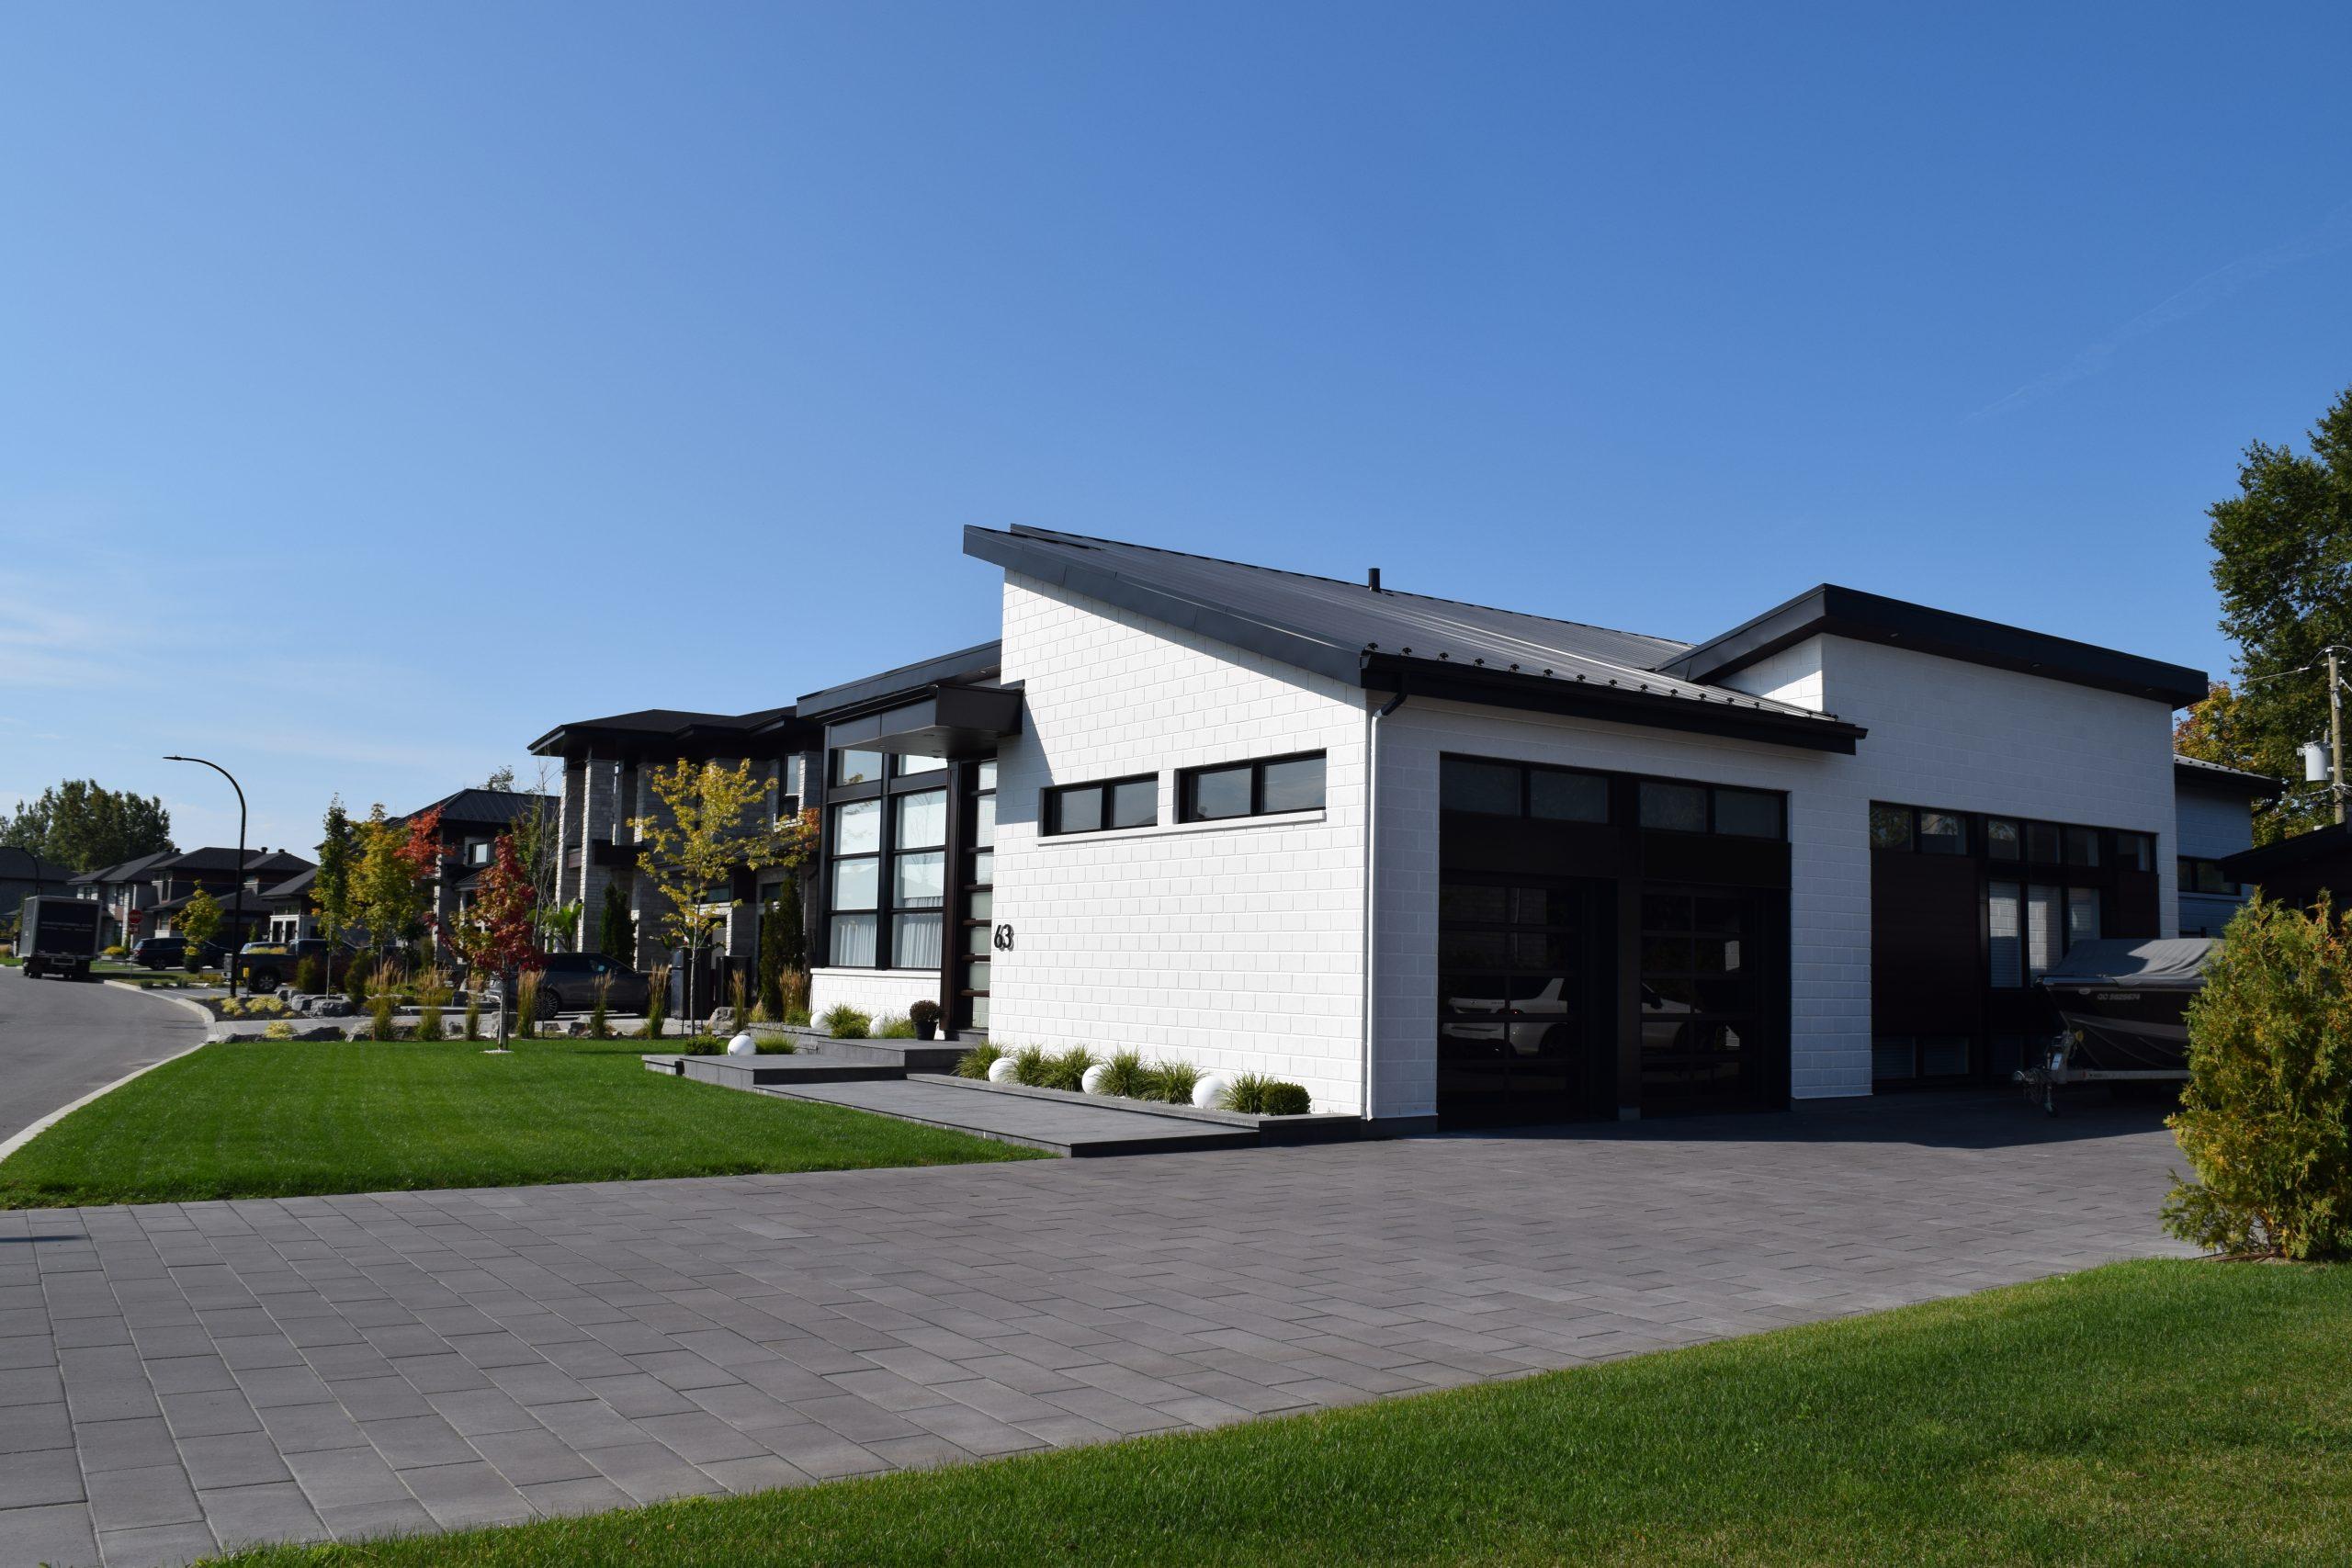 Pavé & paysagiste Boisbriand - Résidentiel - Commercial - Aménagement paysager - Stationnement mixte